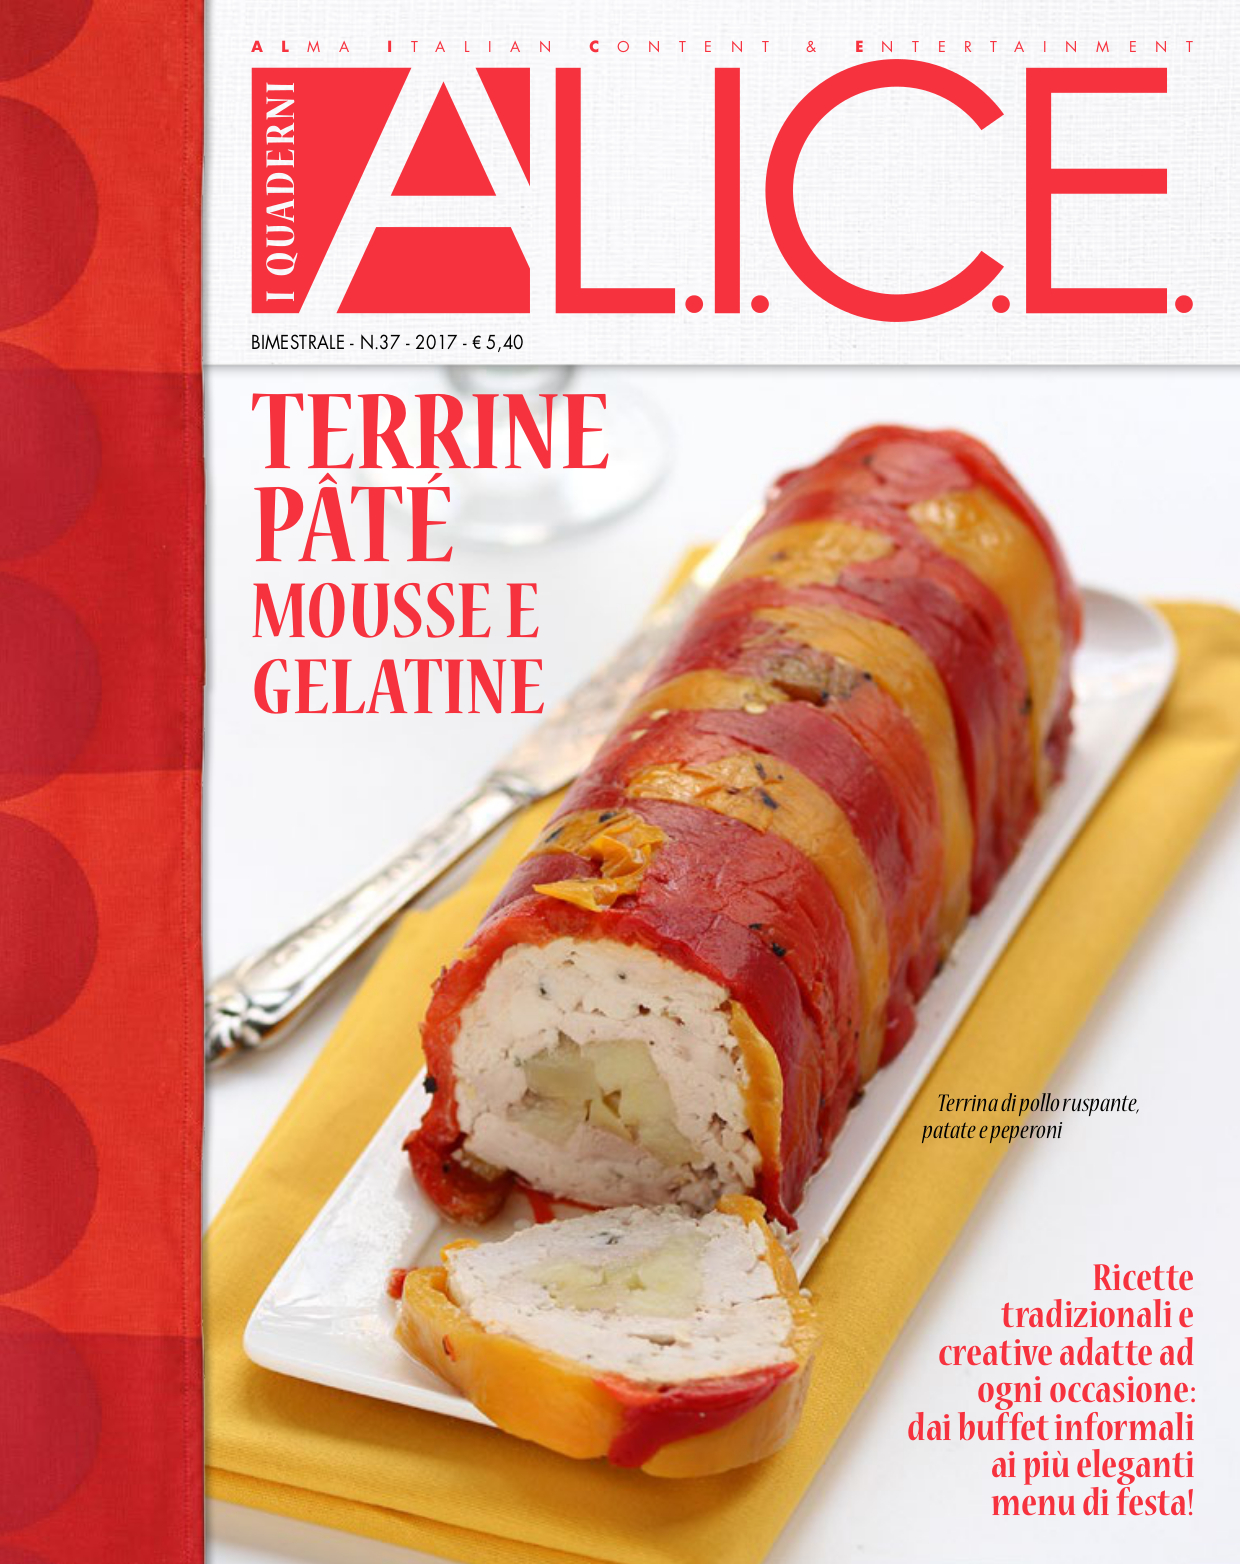 Terrine, patè mousse e gelatine